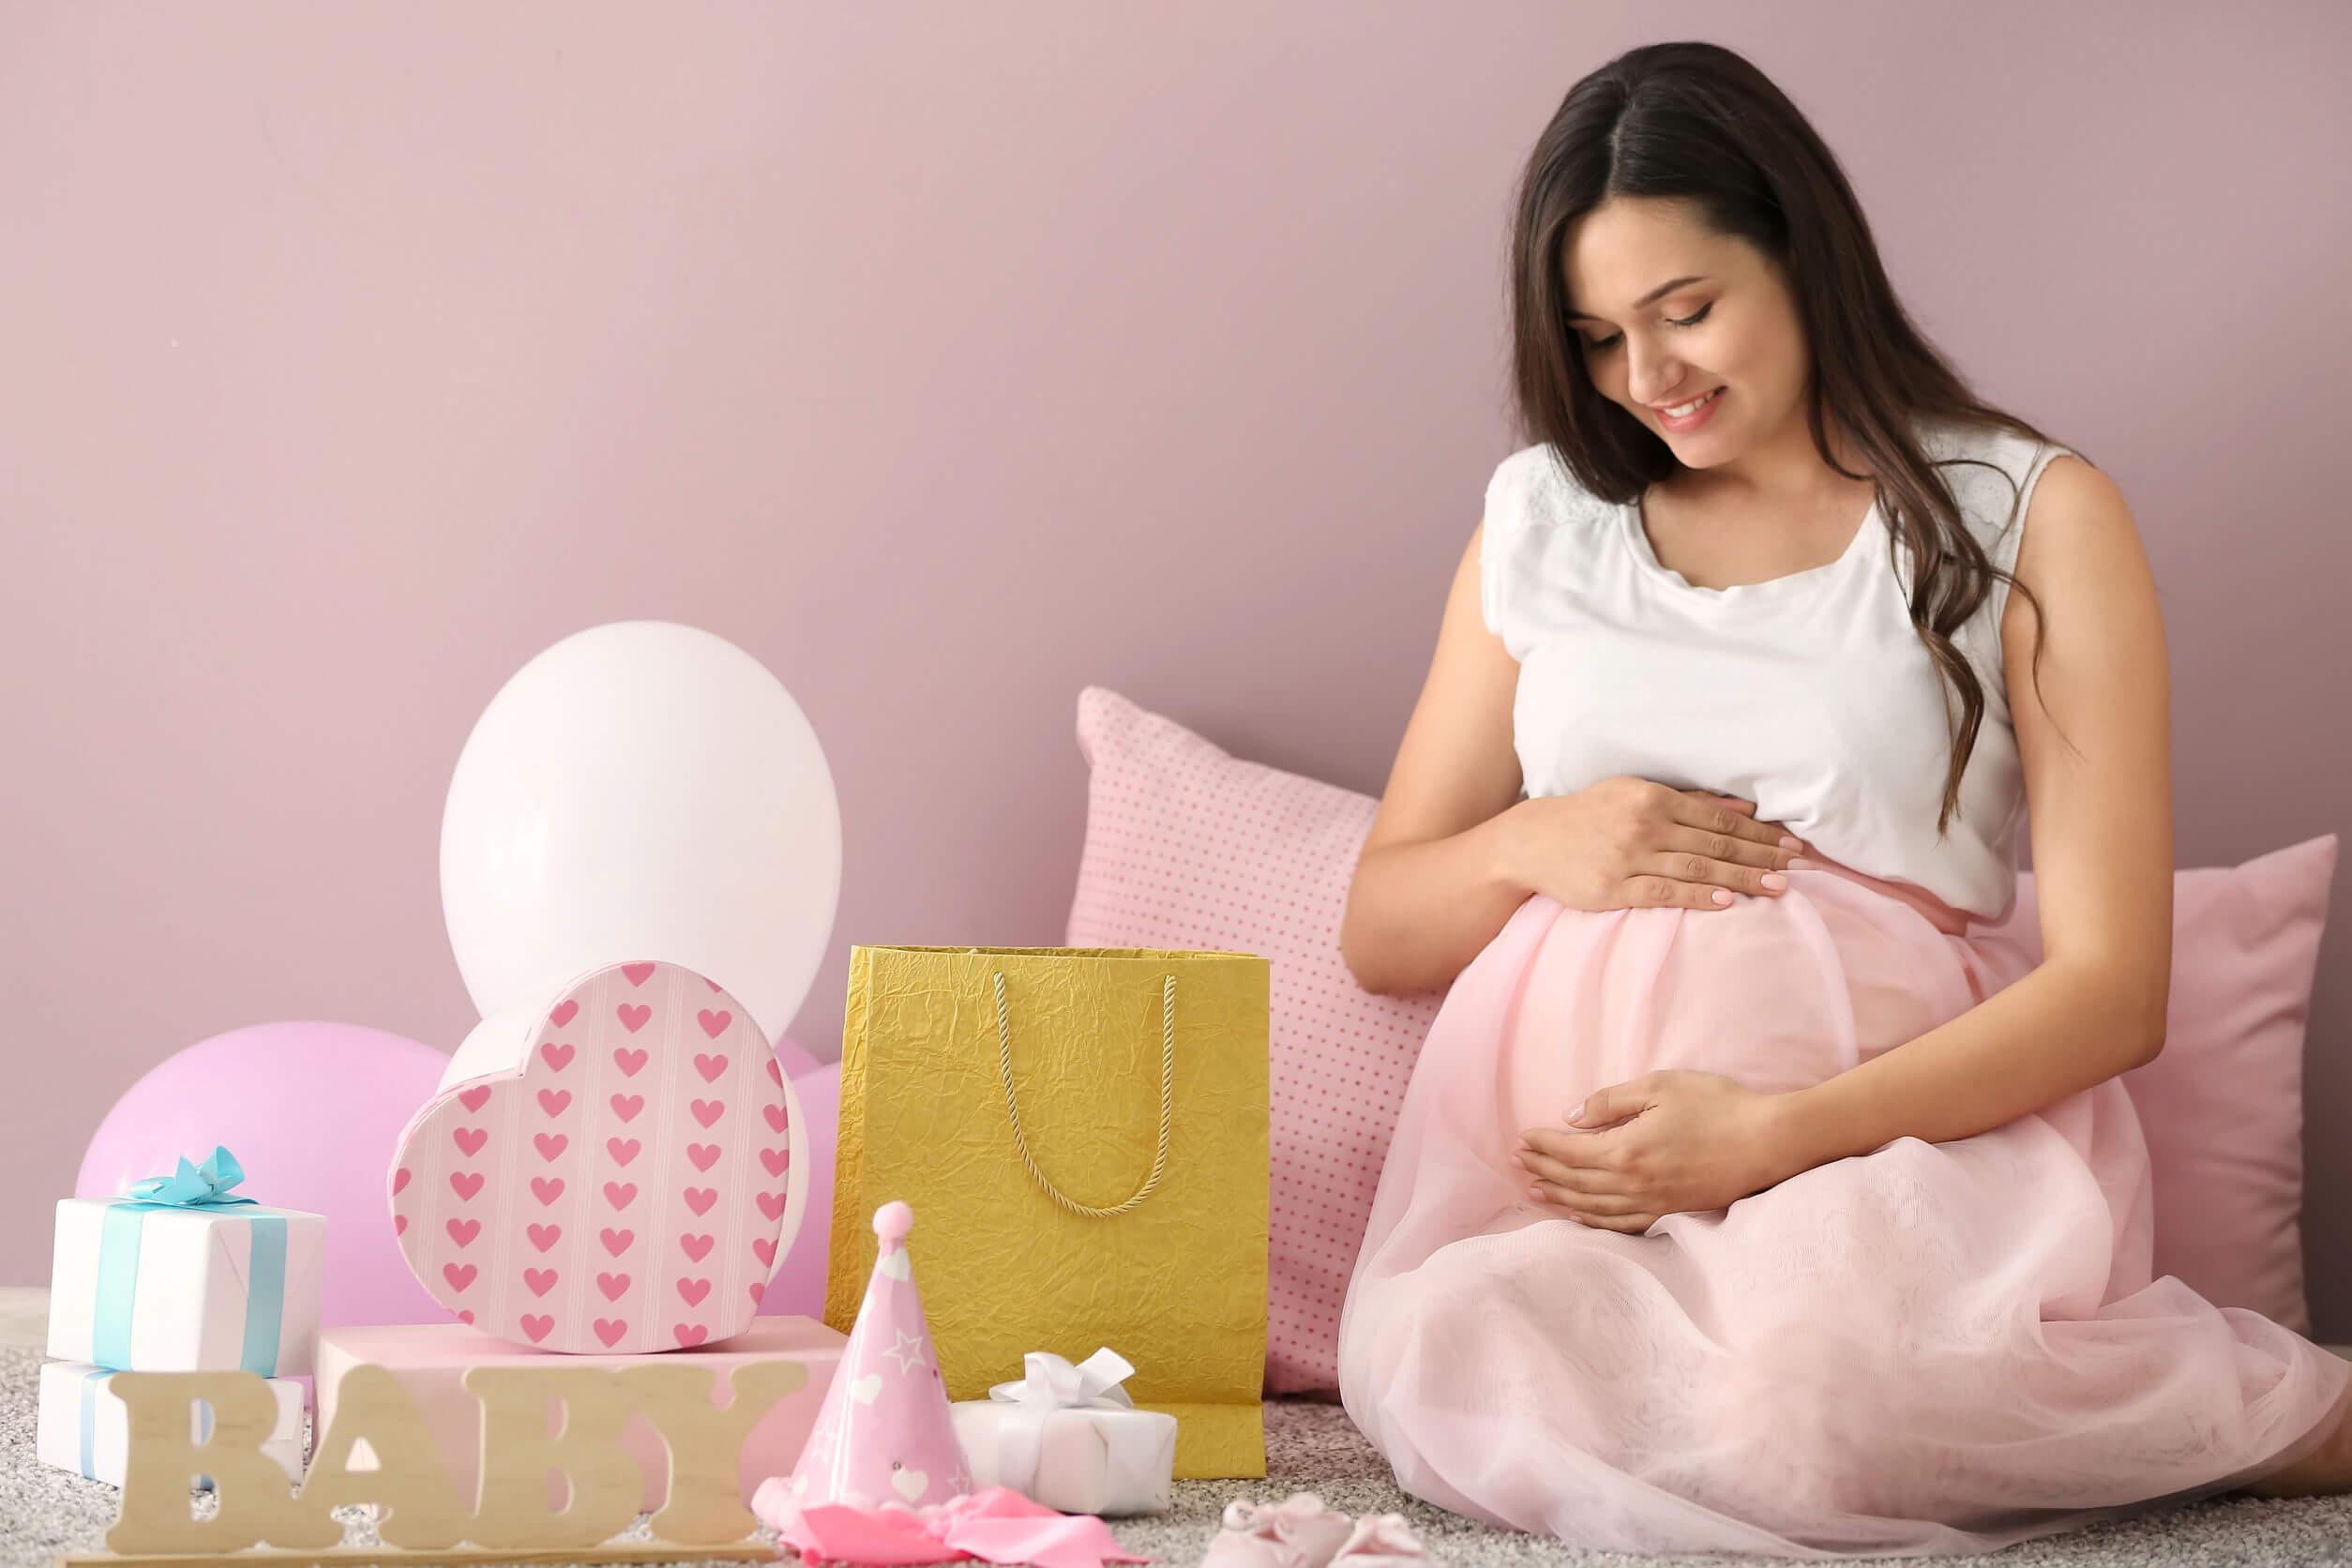 Mujer embarazada pensando en nombres de niña para su bebé.